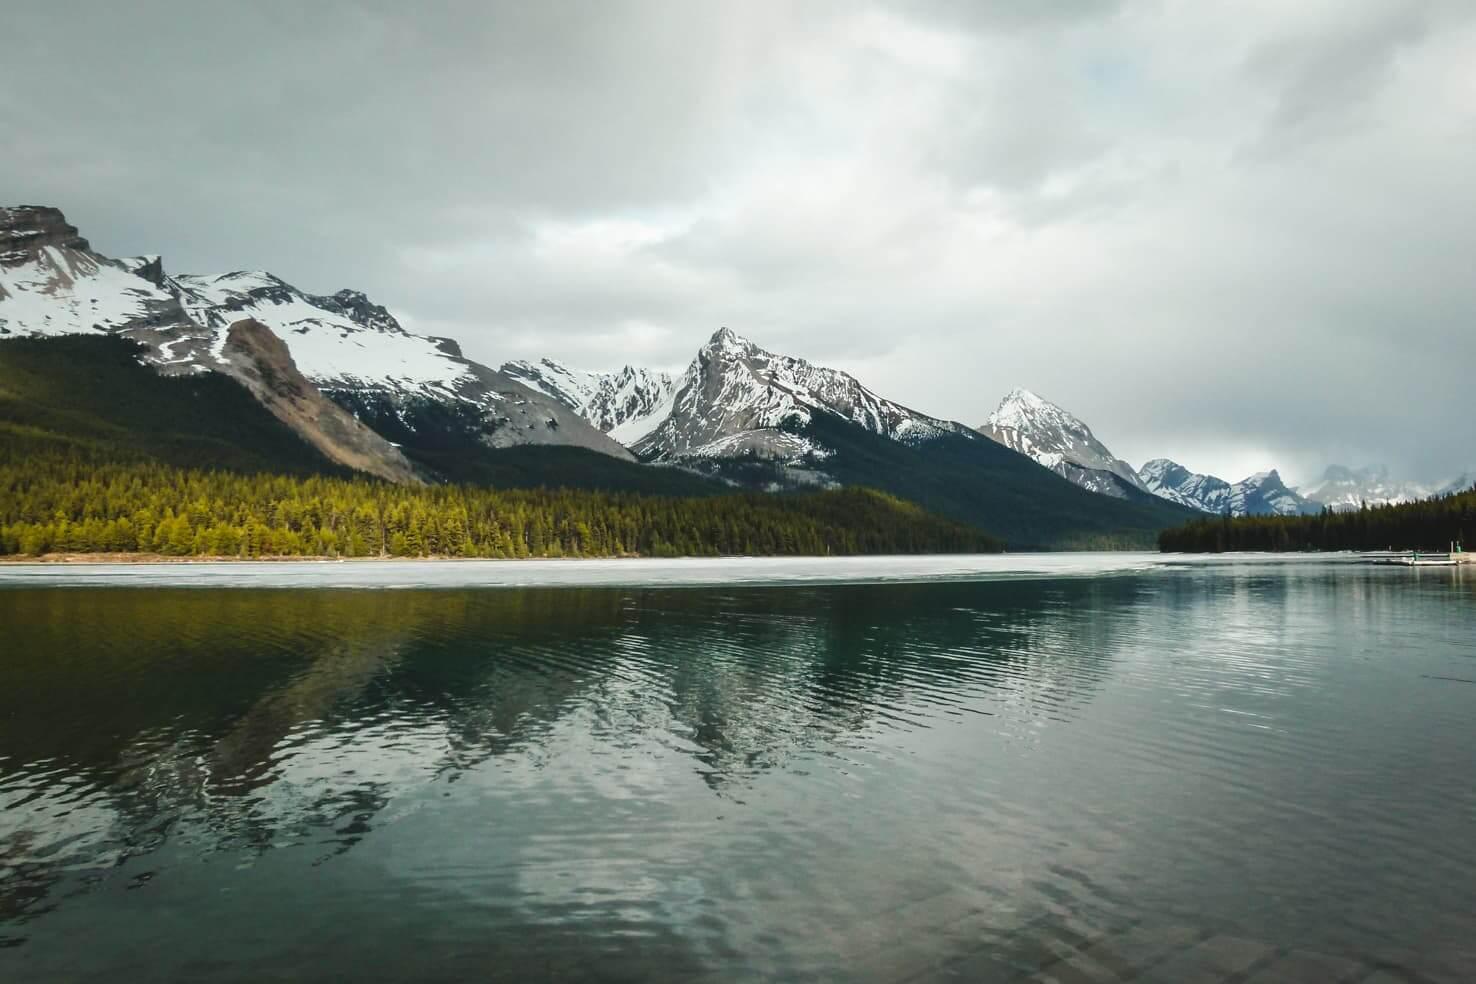 Hiking in Jasper National Park - Maligne Lake Hike